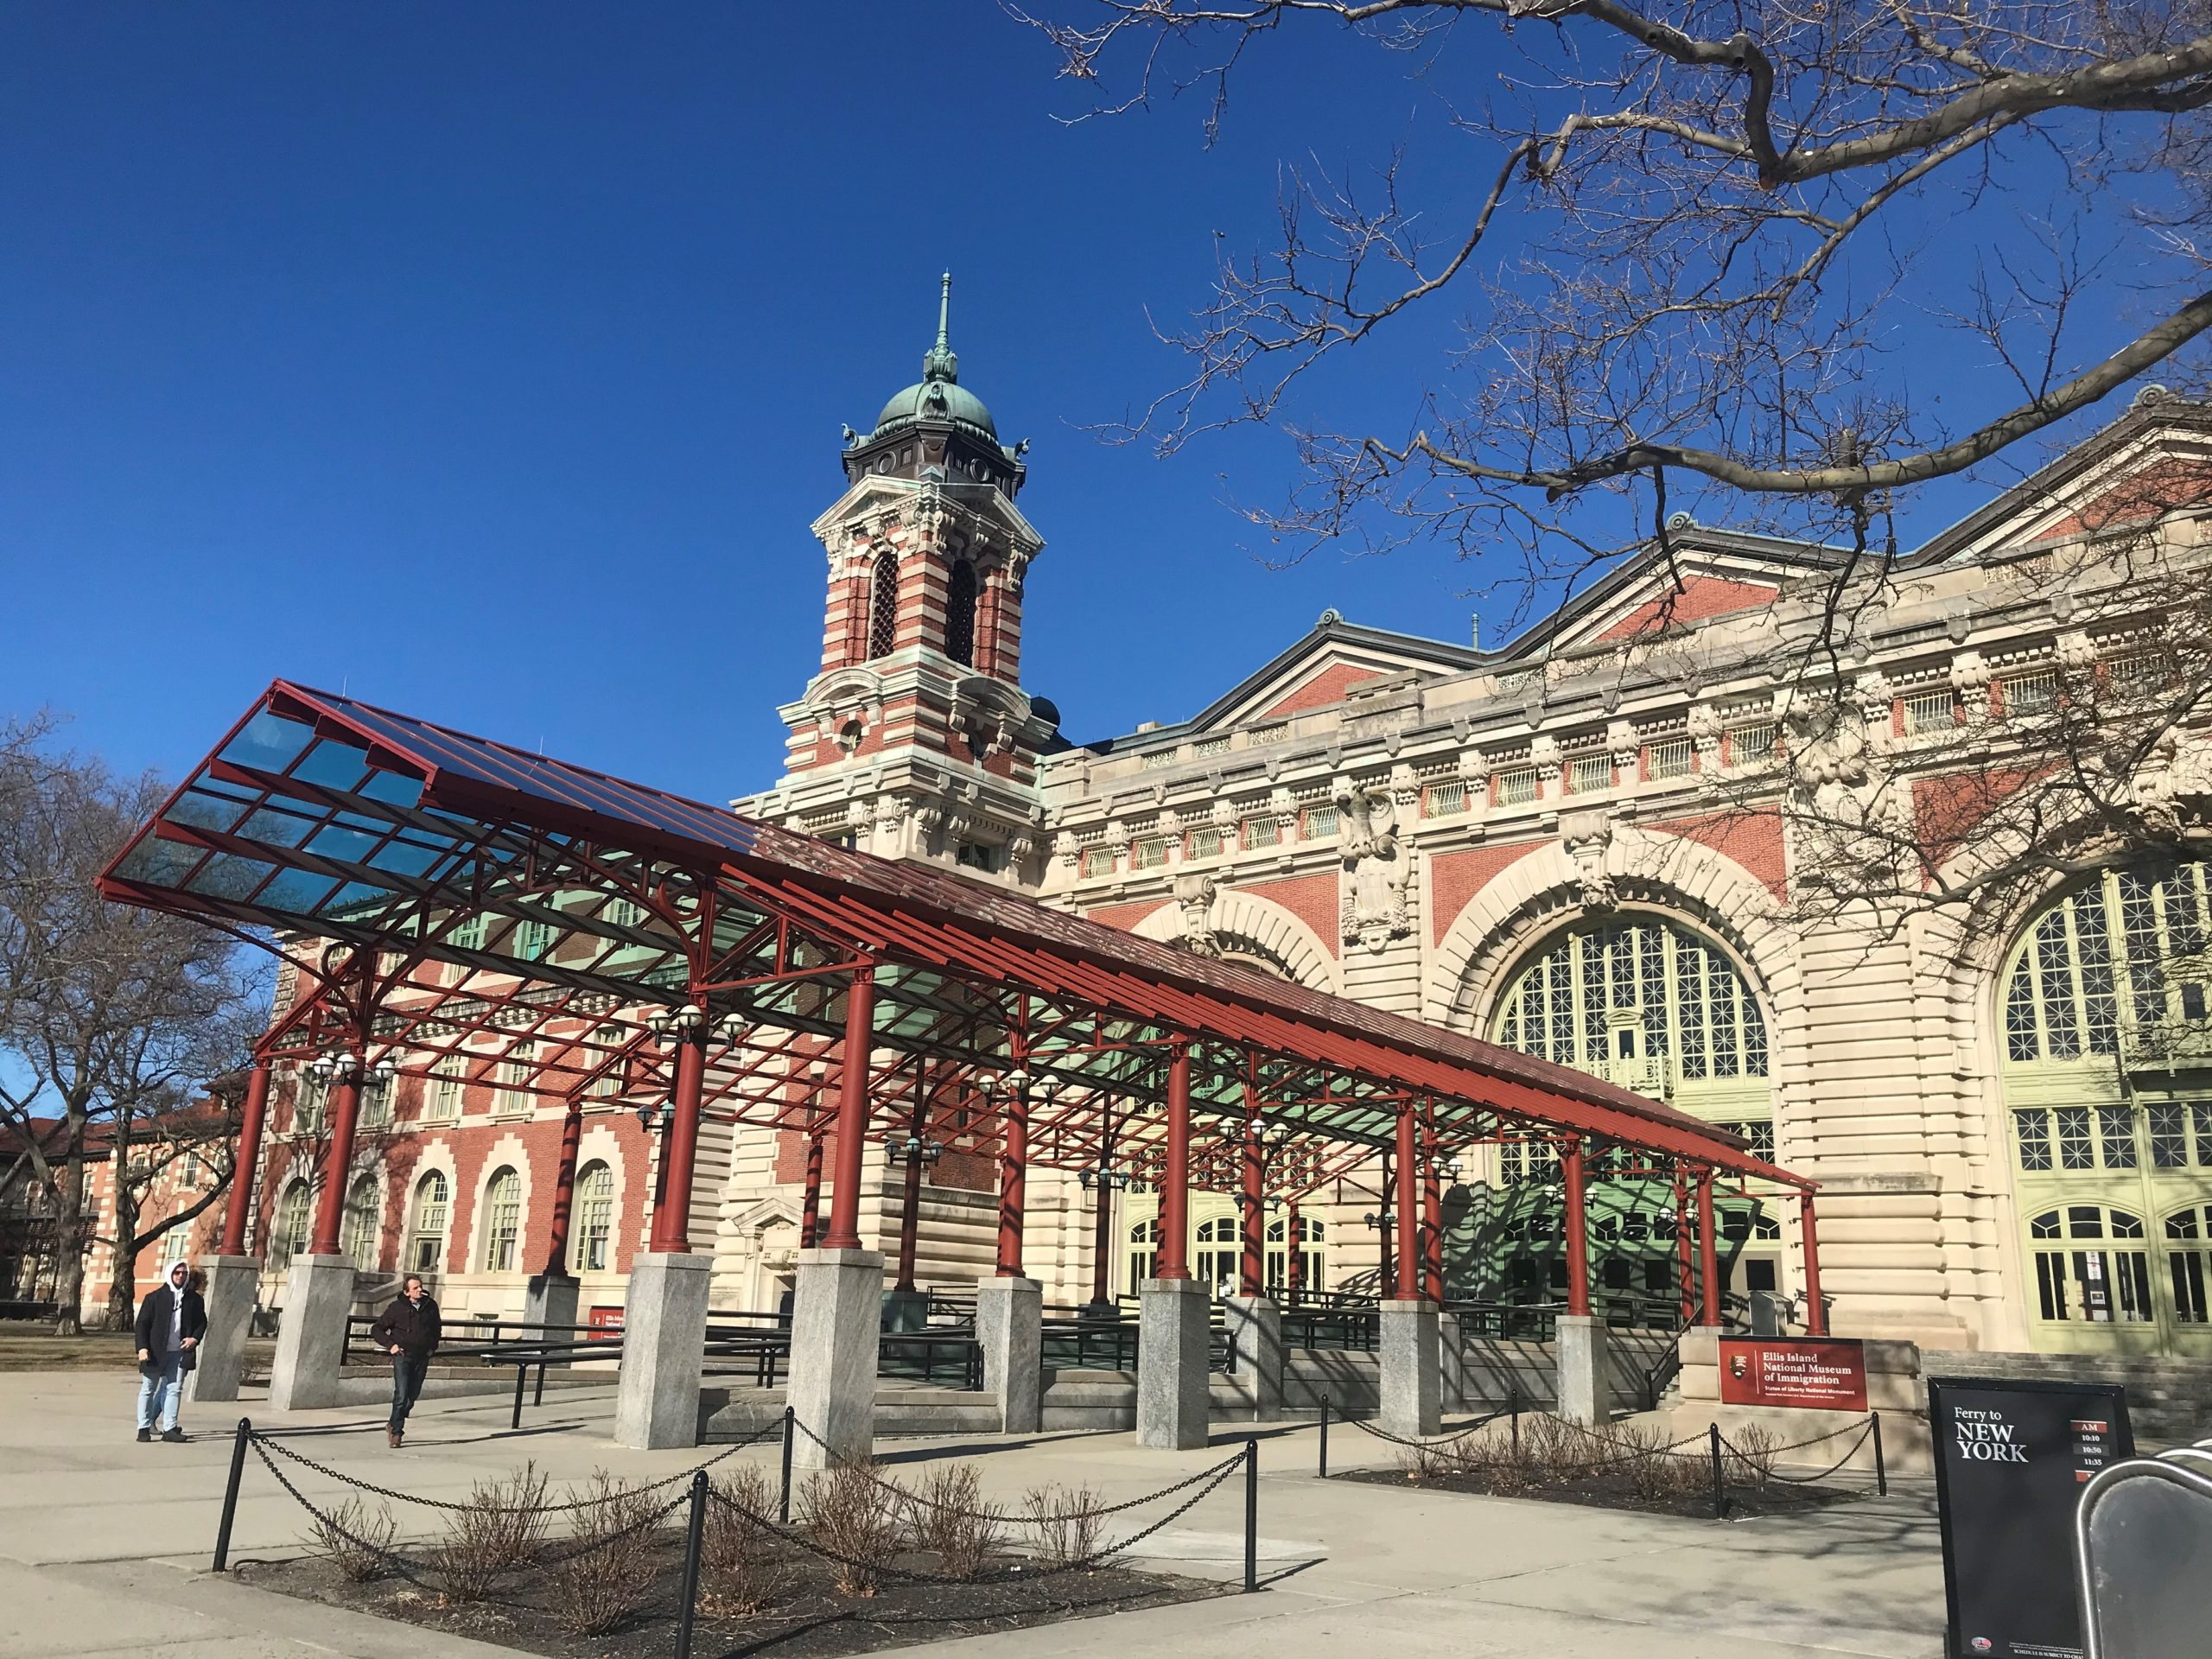 L'entrata del Museo dell'Immigrazione a Ellis Island